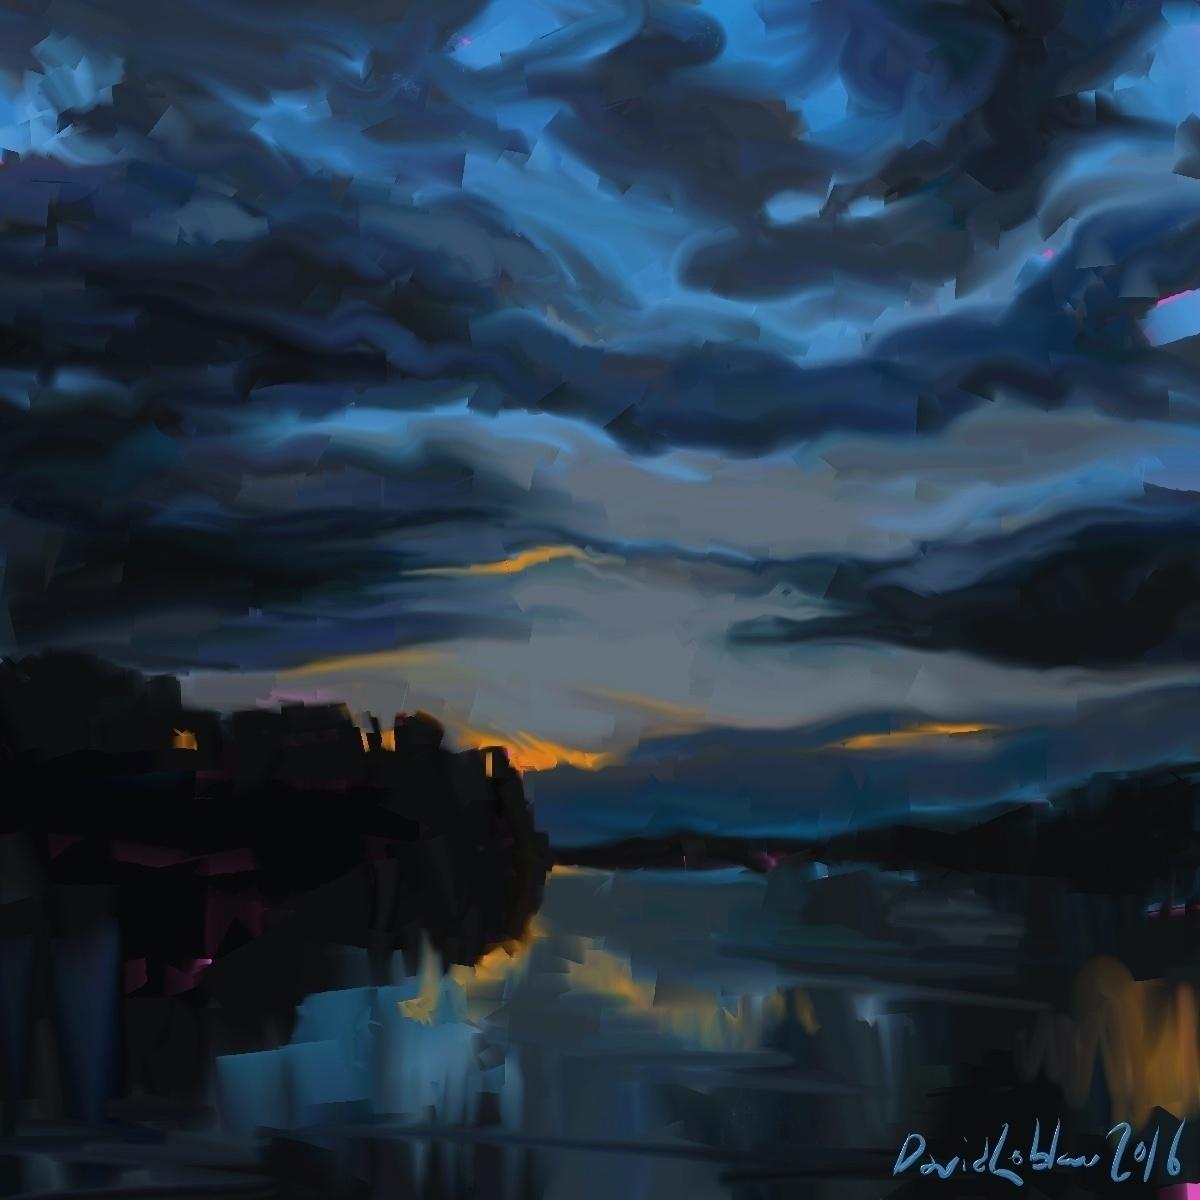 landscape ottawa river night cr - lobber66 | ello